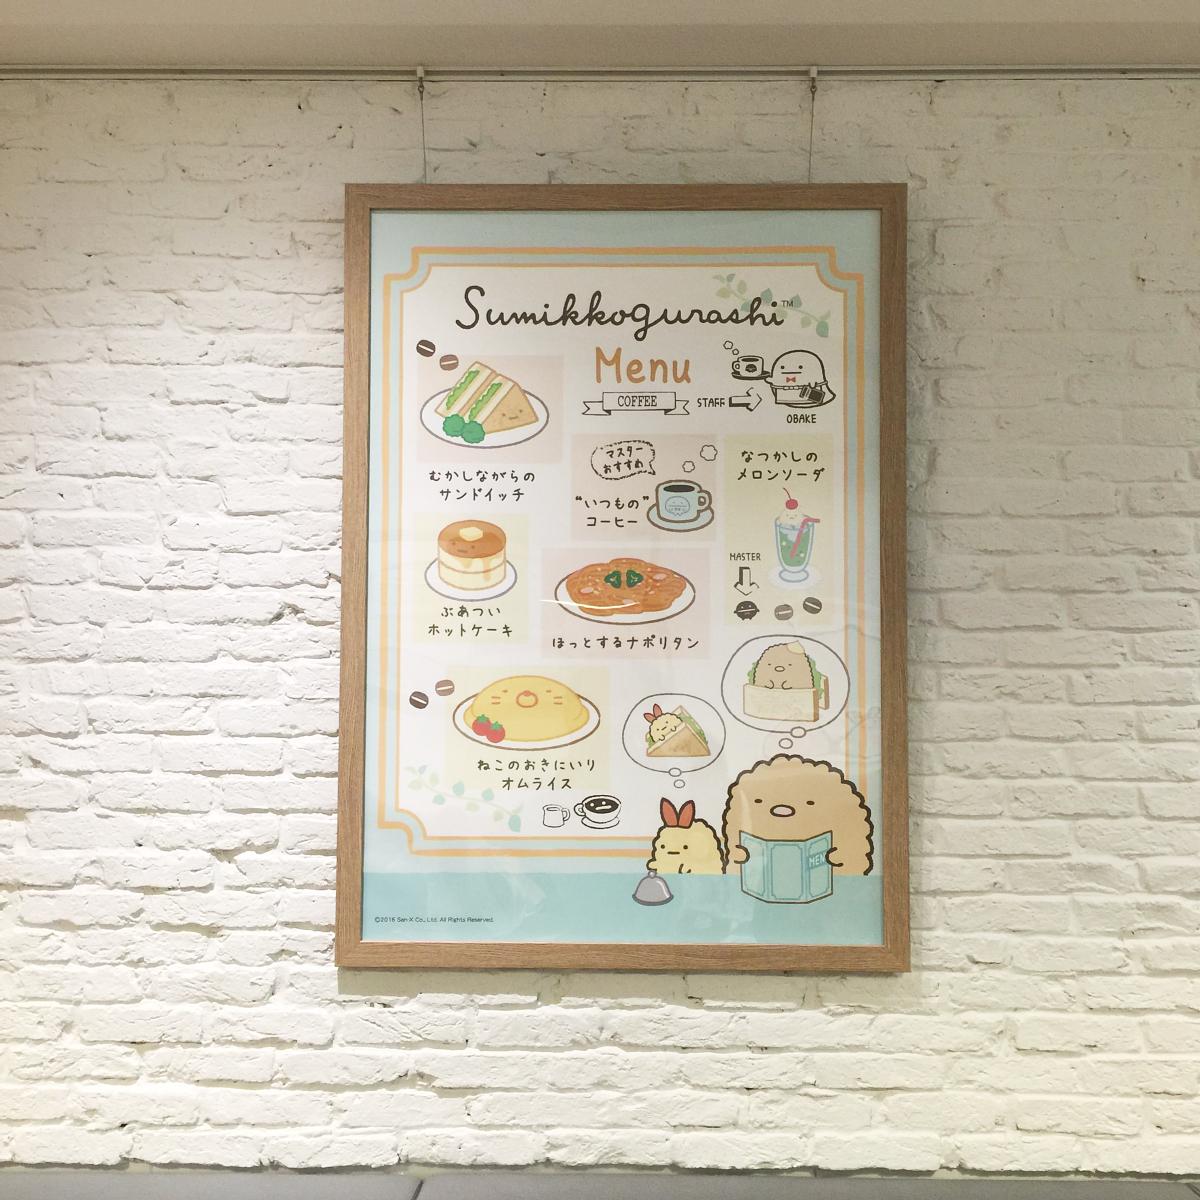 sumikko-gurashi-cafe-kit-box-kotobukiya-cafe-29